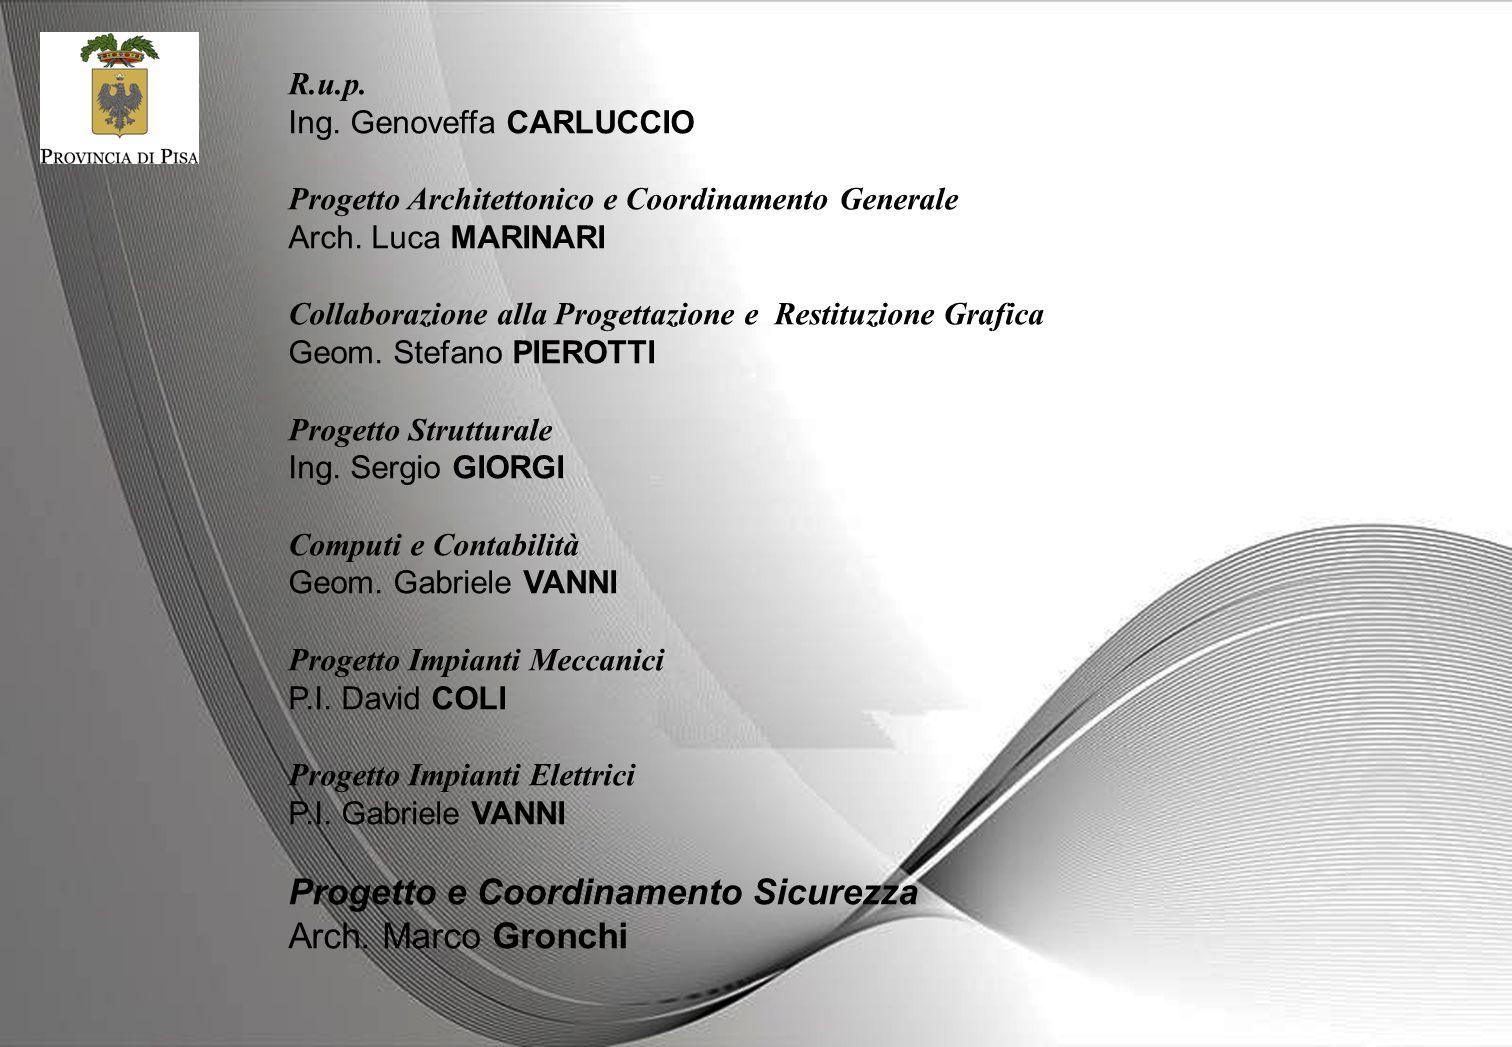 Progetto e Coordinamento Sicurezza Arch. Marco Gronchi